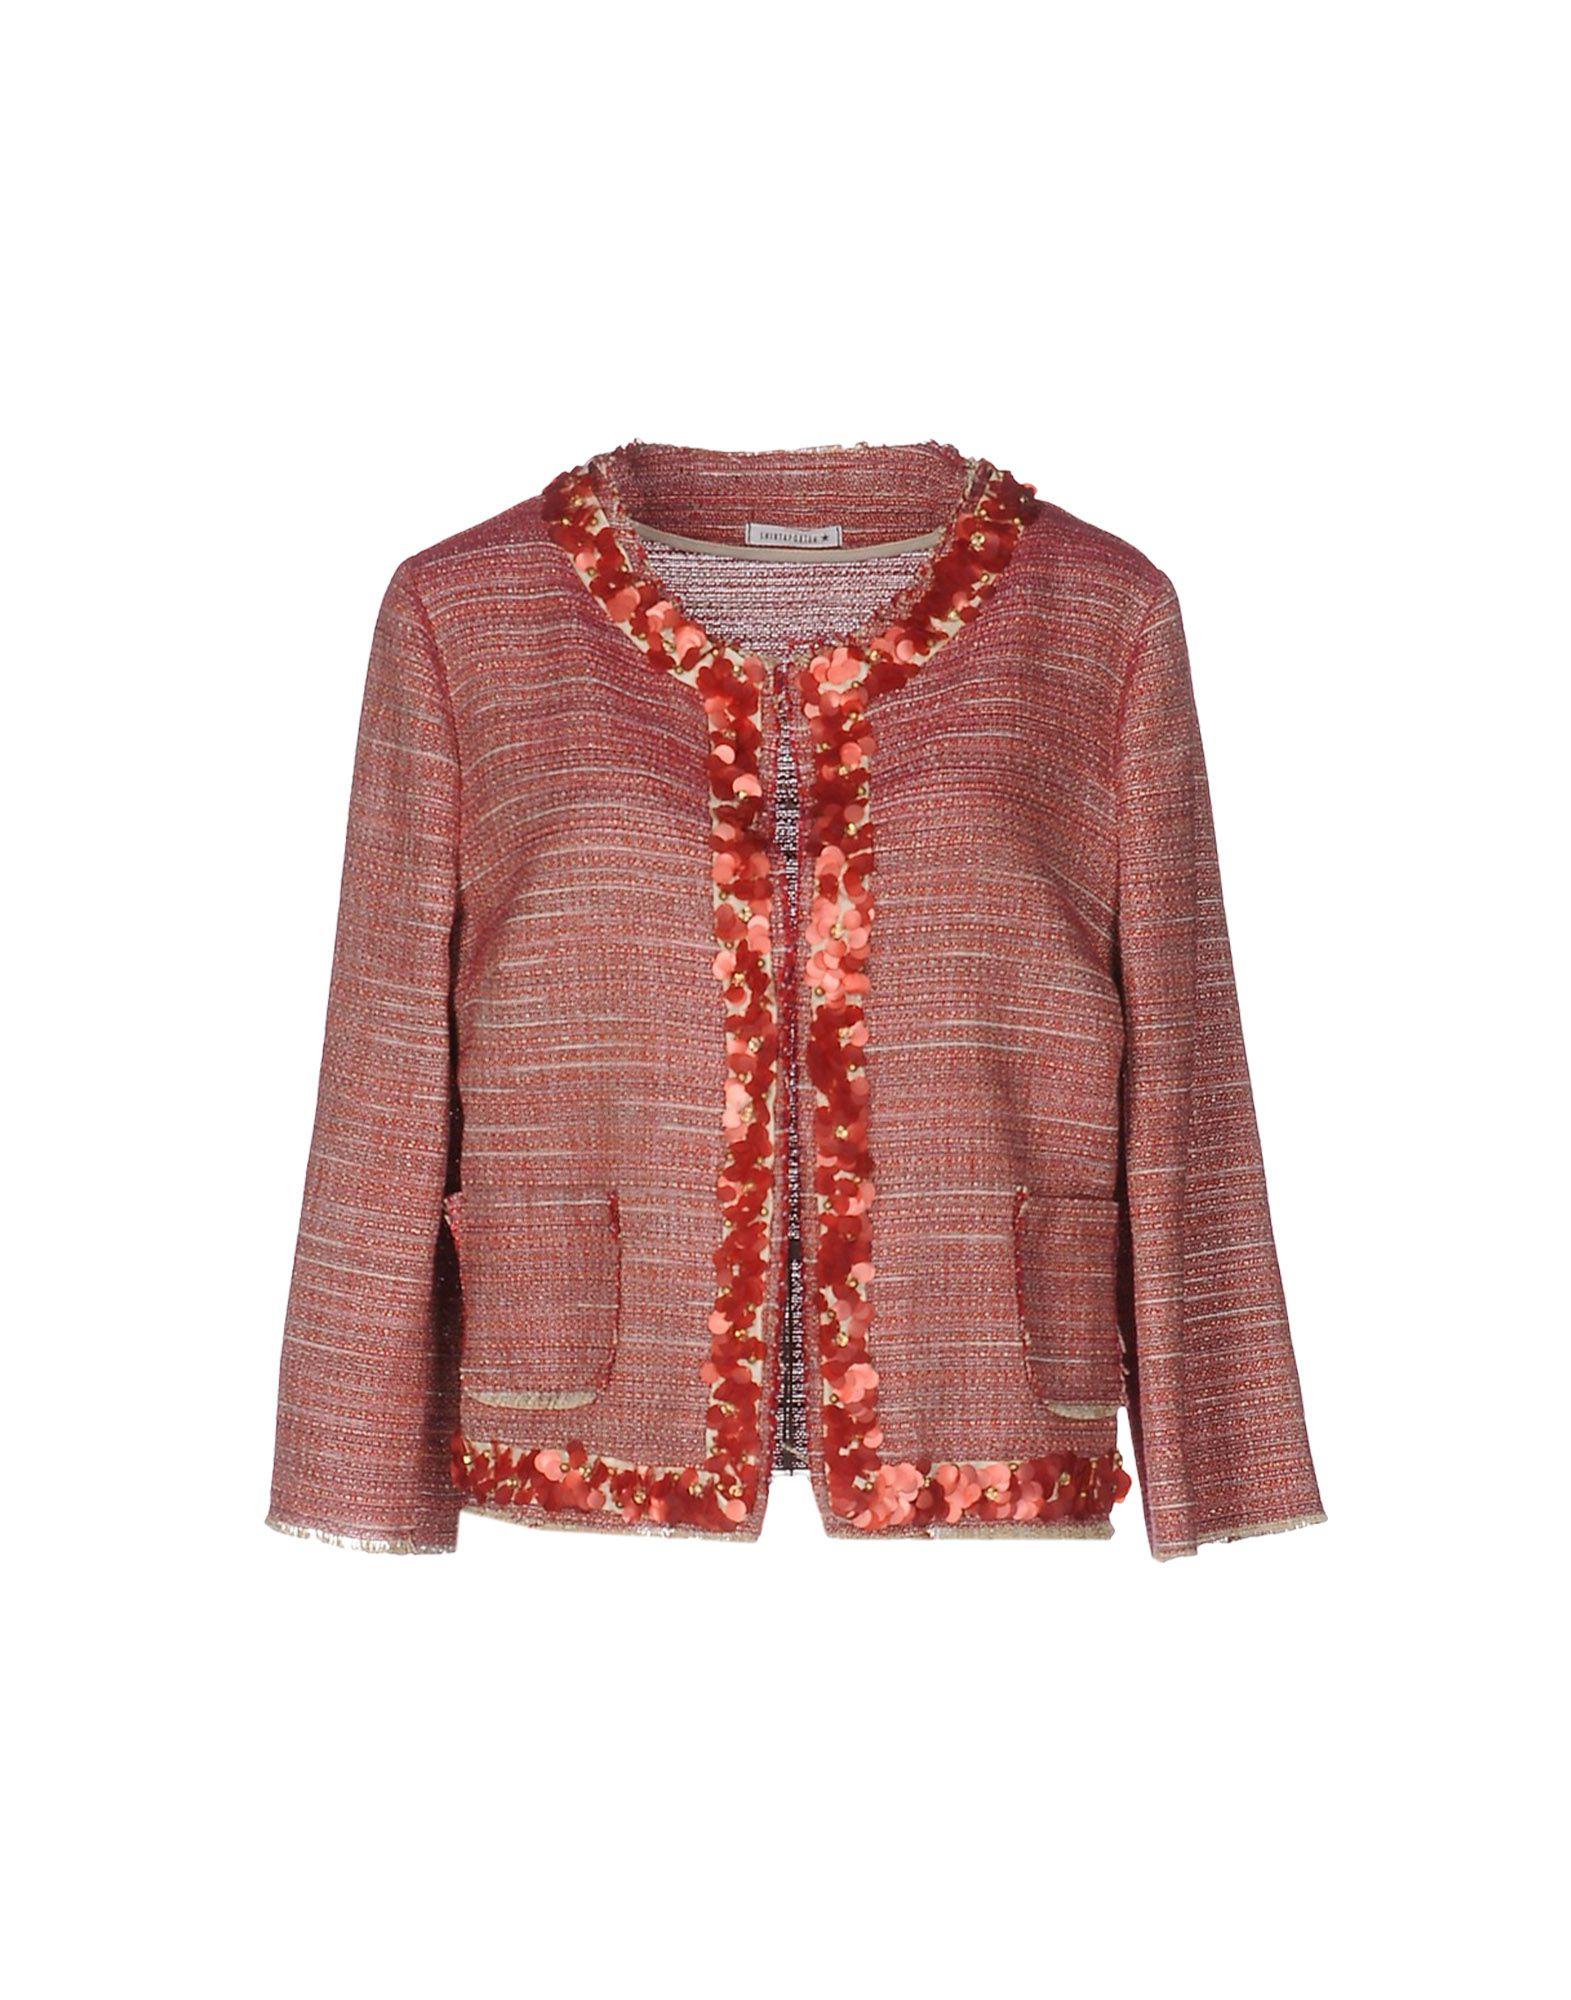 ФОТО shirtaporter пиджак